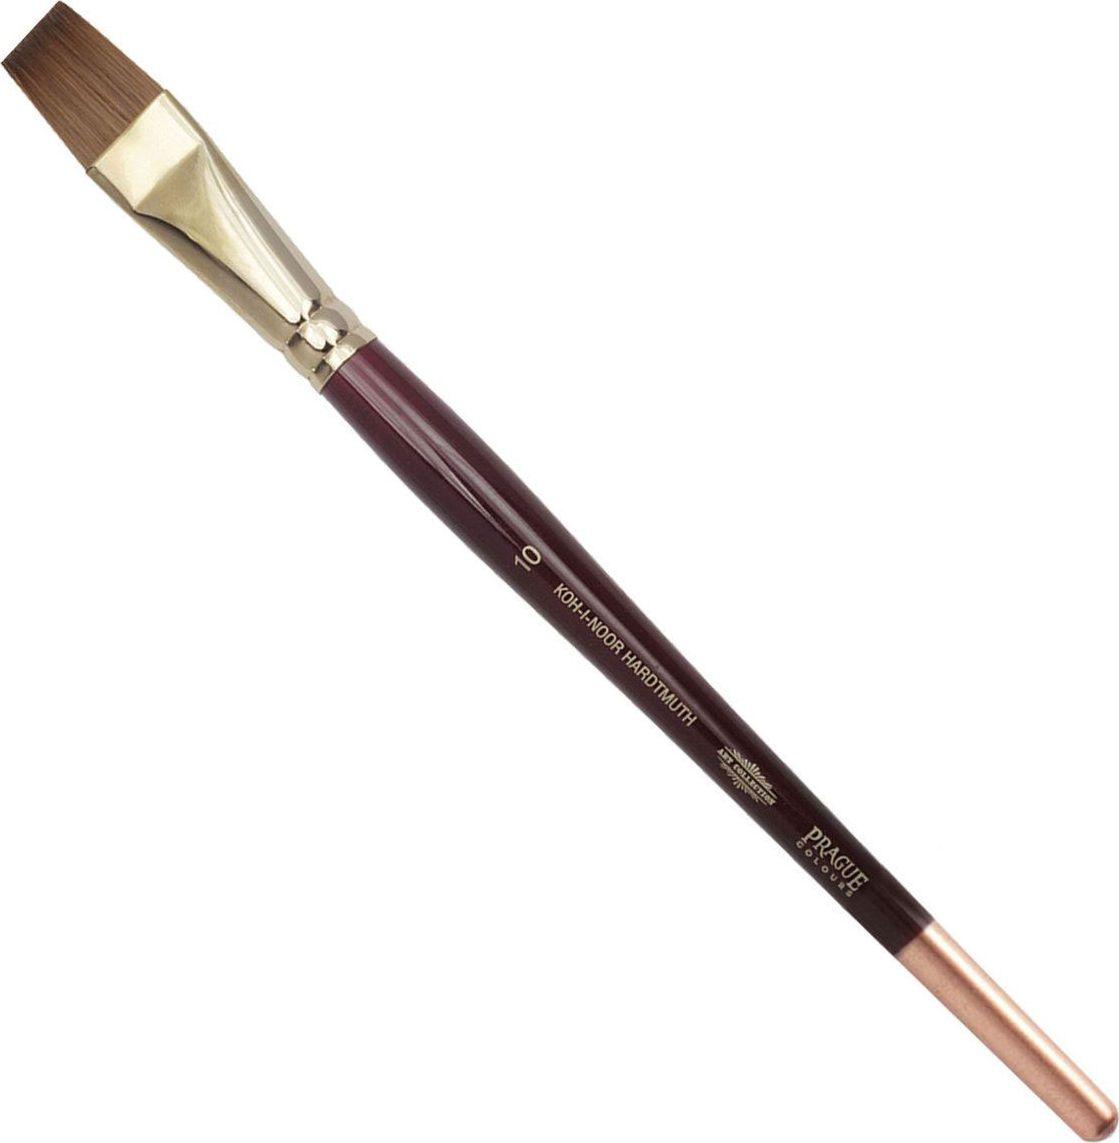 Koh-I-Noor Кисть колонок плоская №10 короткая ручка -  Кисти